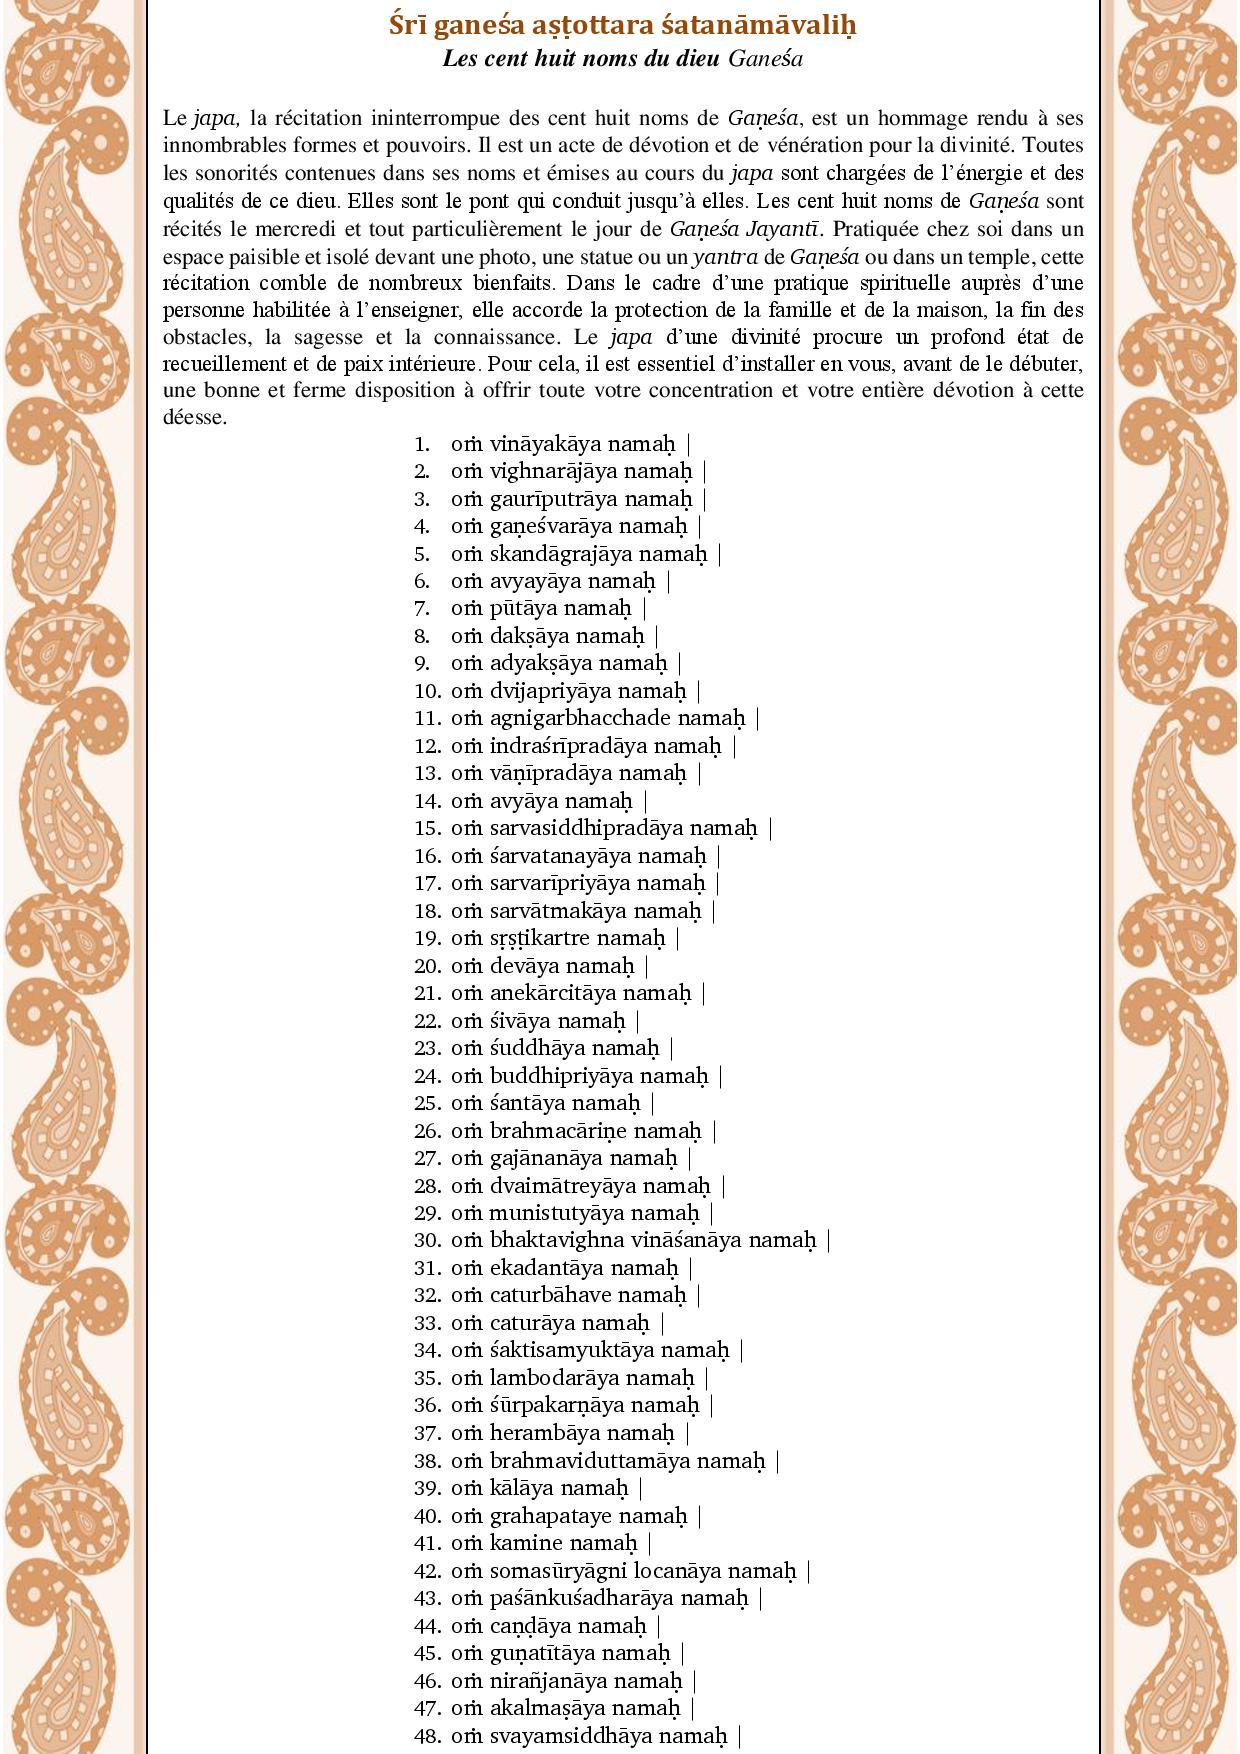 108 noms de ganesha-page-001